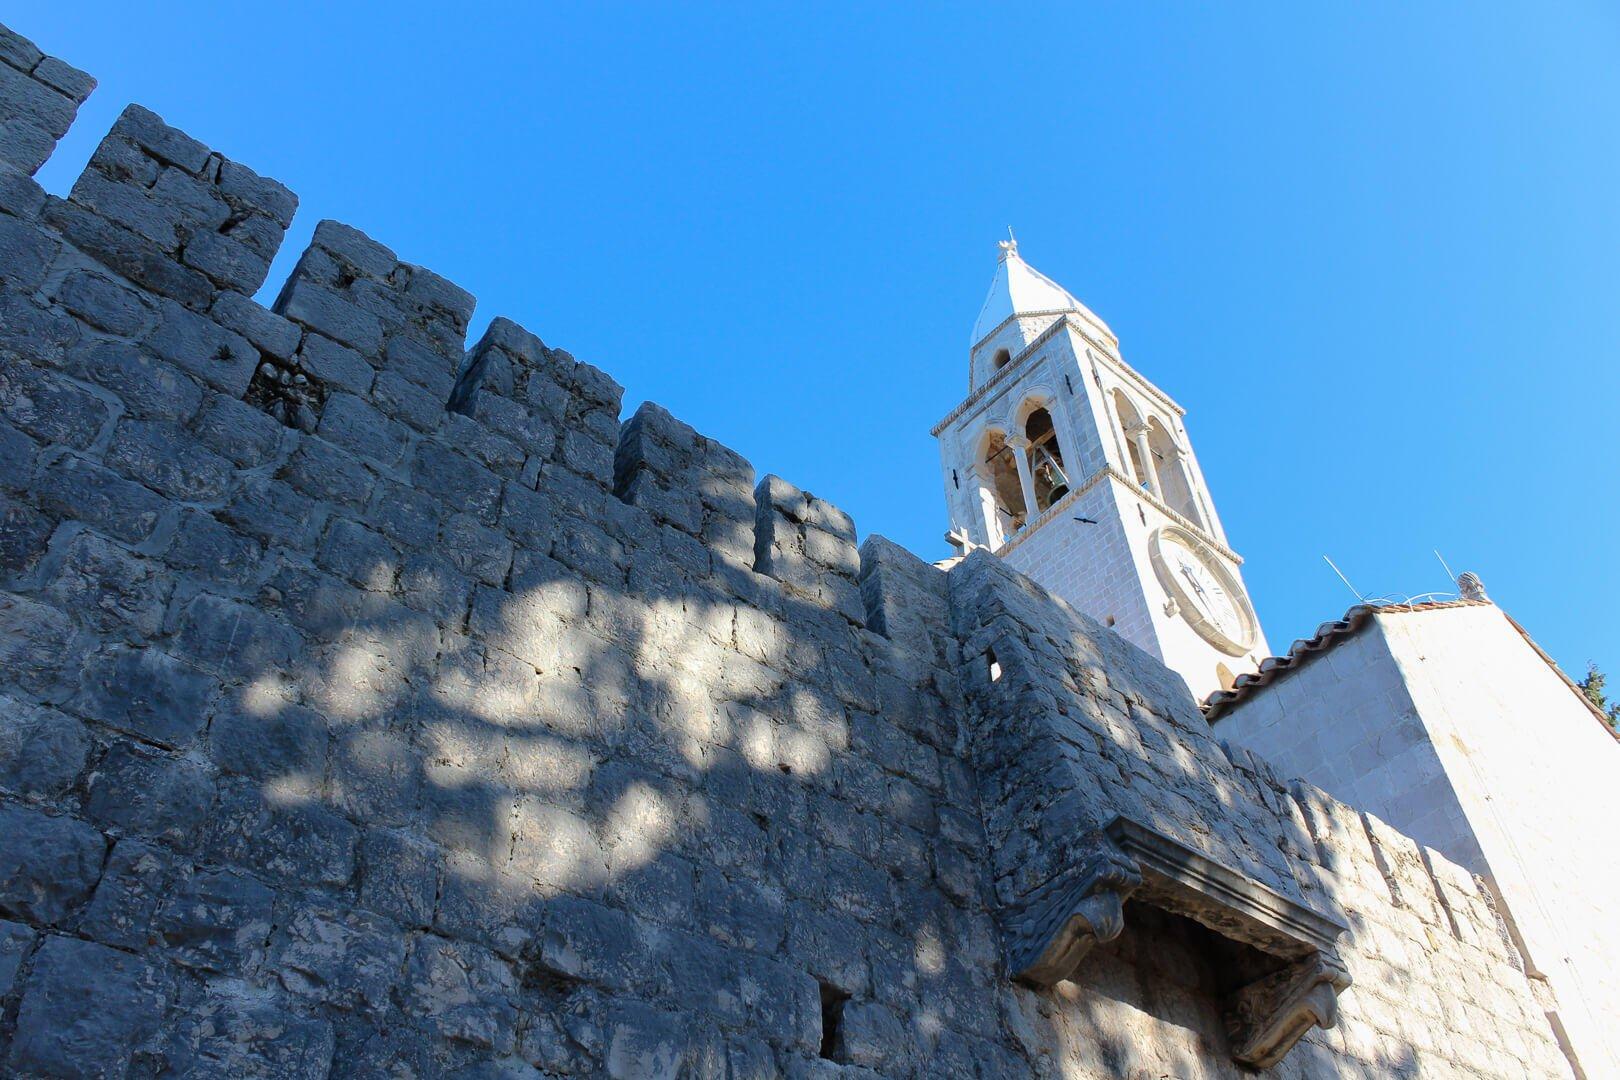 Lopud 1483 monastery